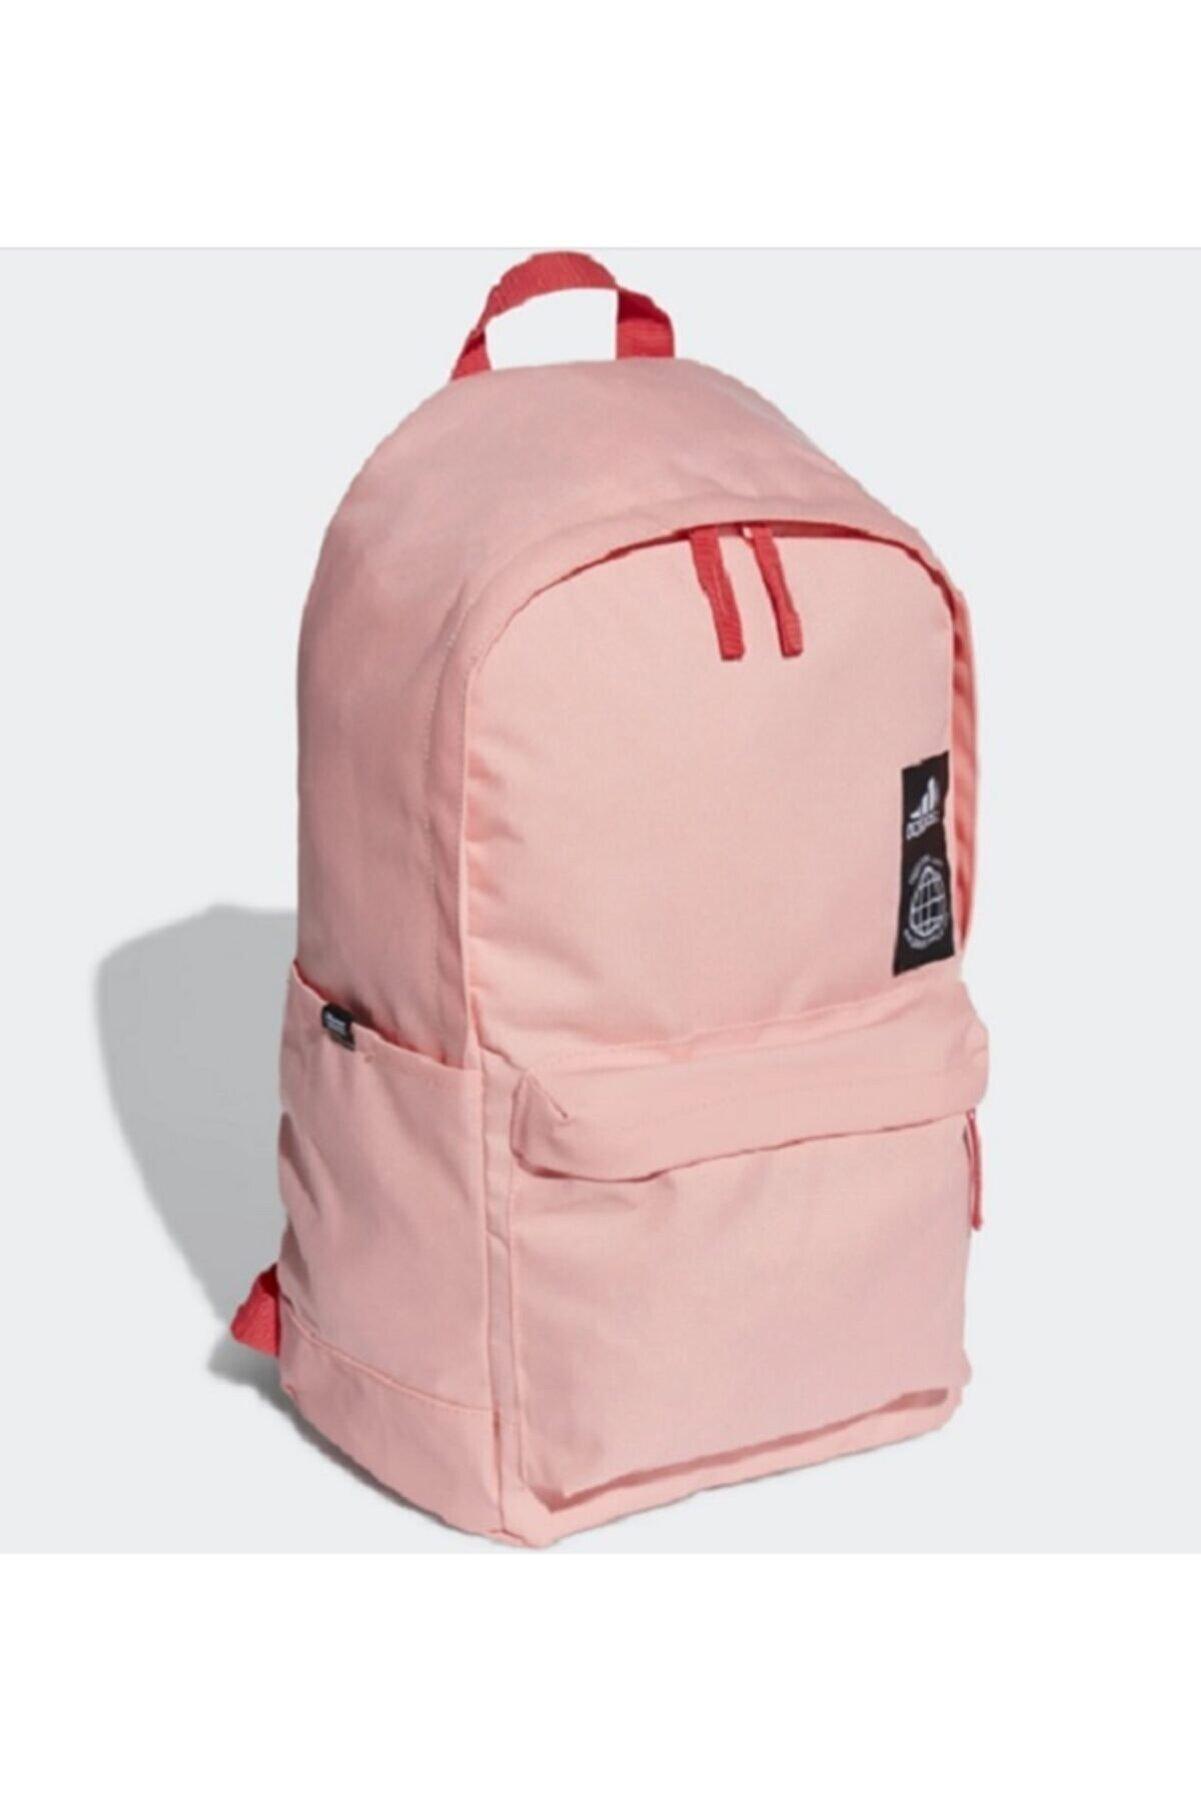 adidas Sırt Çantası Pembe 9280 Laptop Gözlü Okul Sırt Çantası